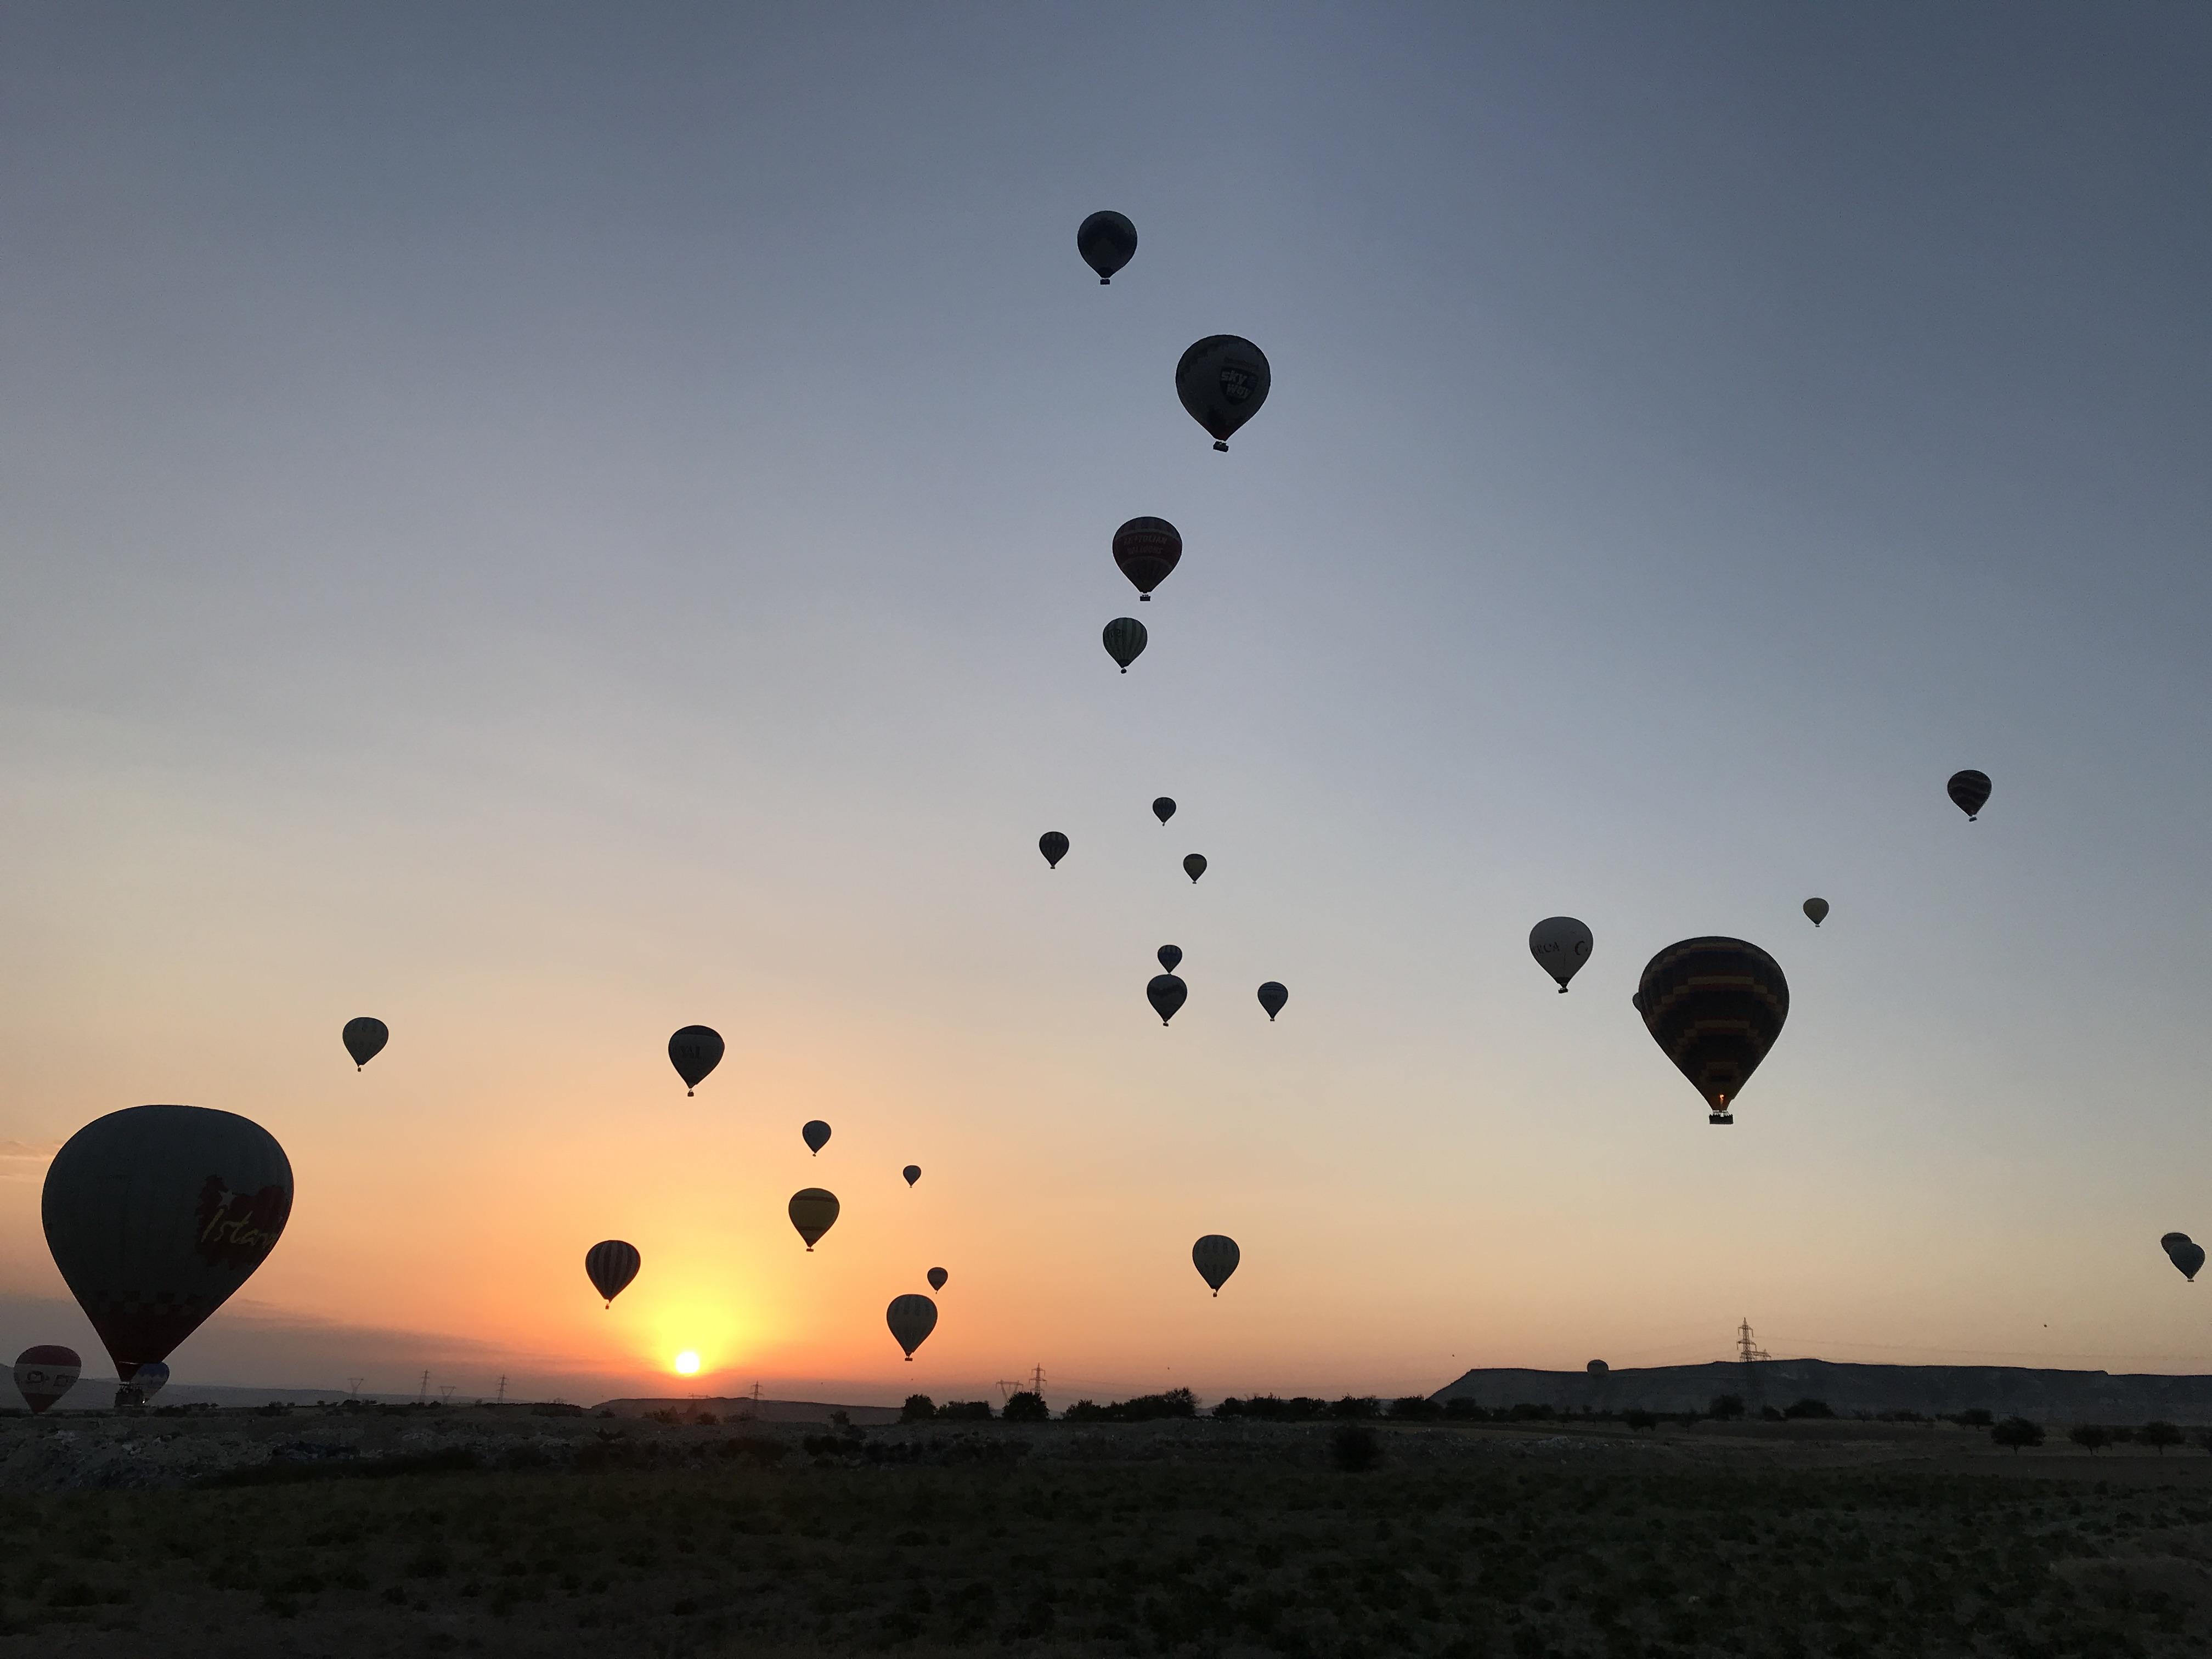 カッパドキアで気球をドローンで撮るチパコプター